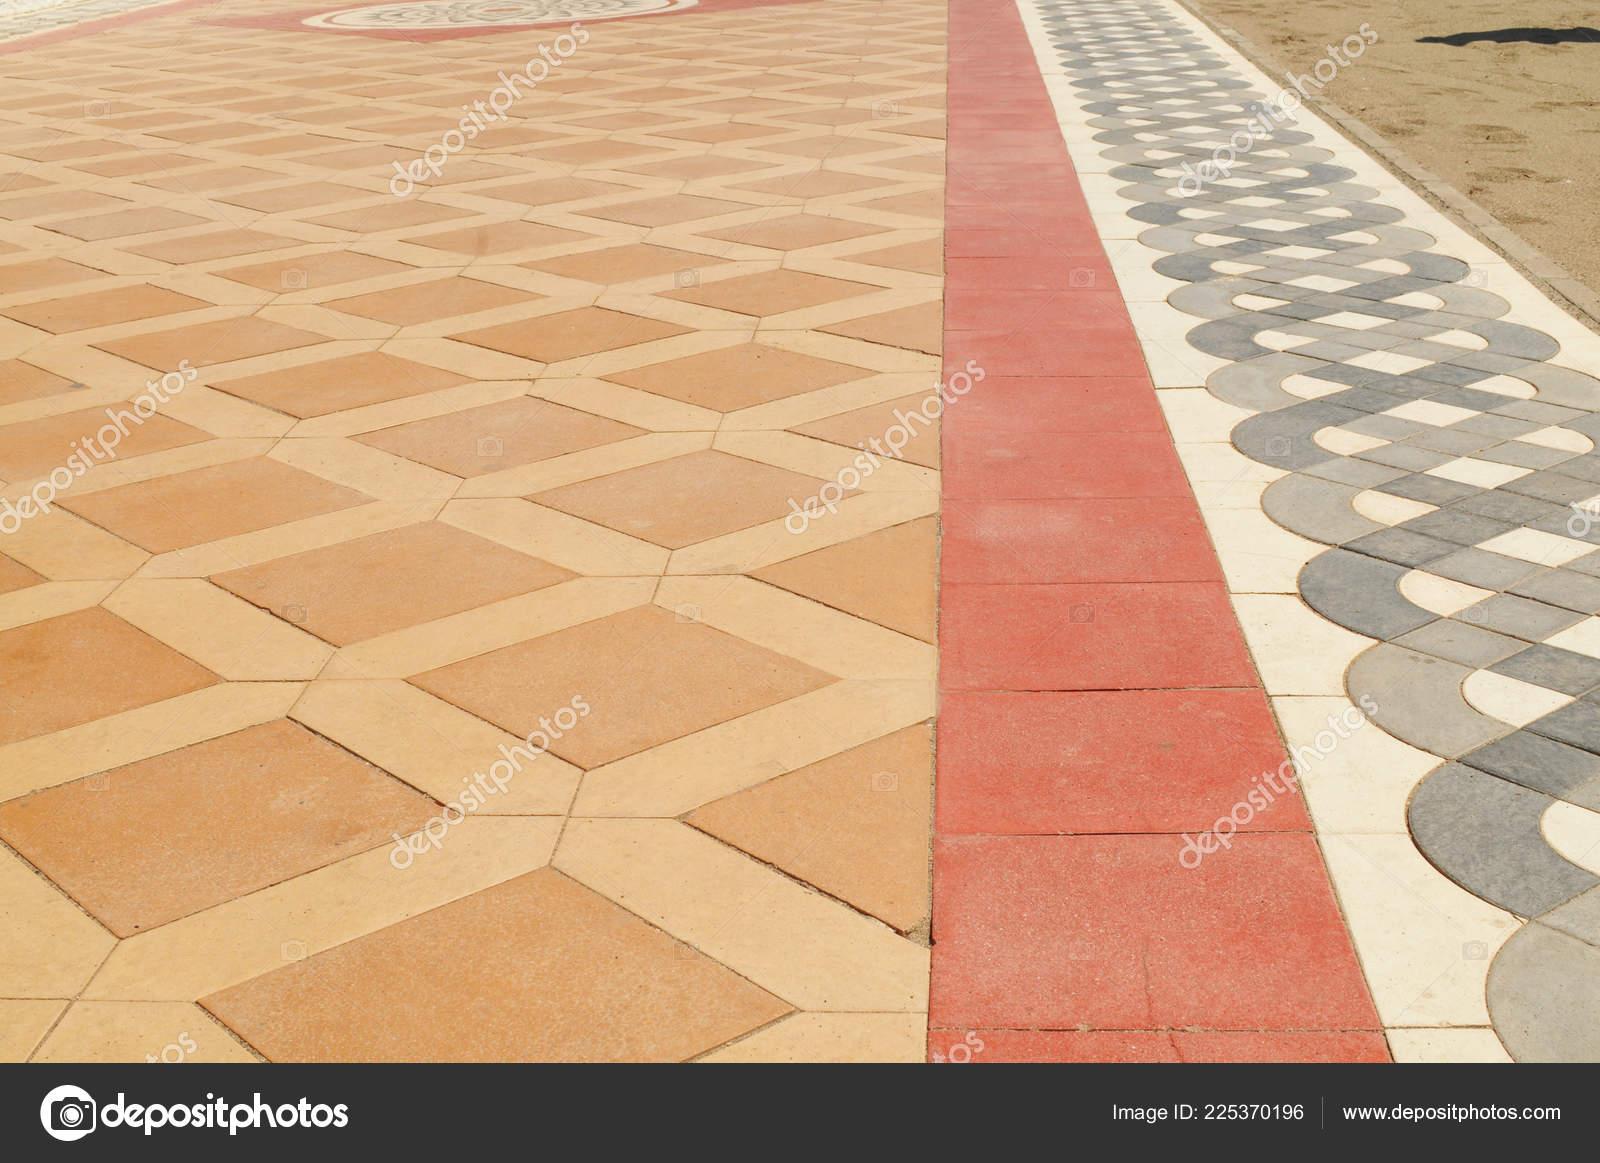 Beige Rot Grau Und Weiß Keramik Fliesen Boden Hintergrund Mitu2013 Stockbild